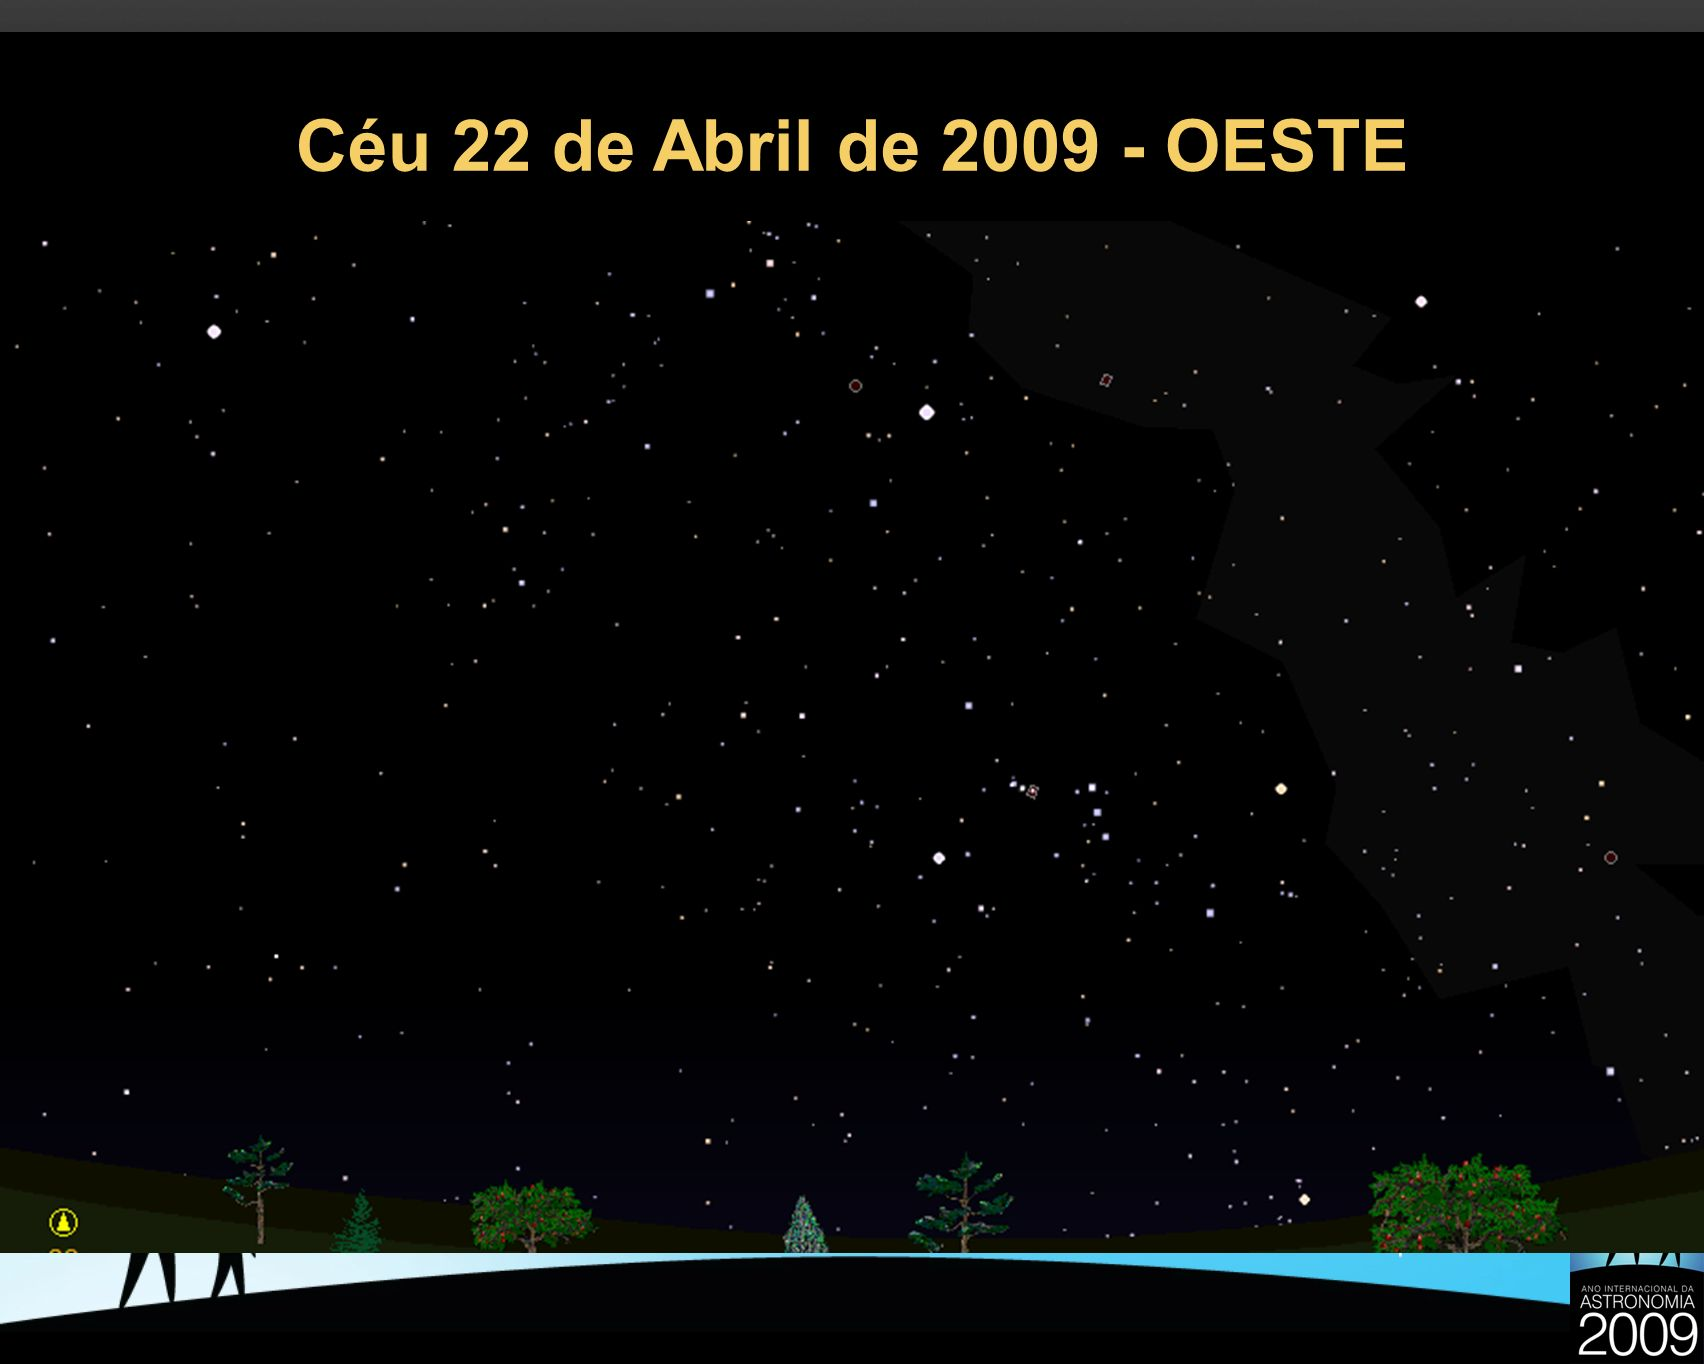 Céu 22 de Abril de 2009 - OESTE